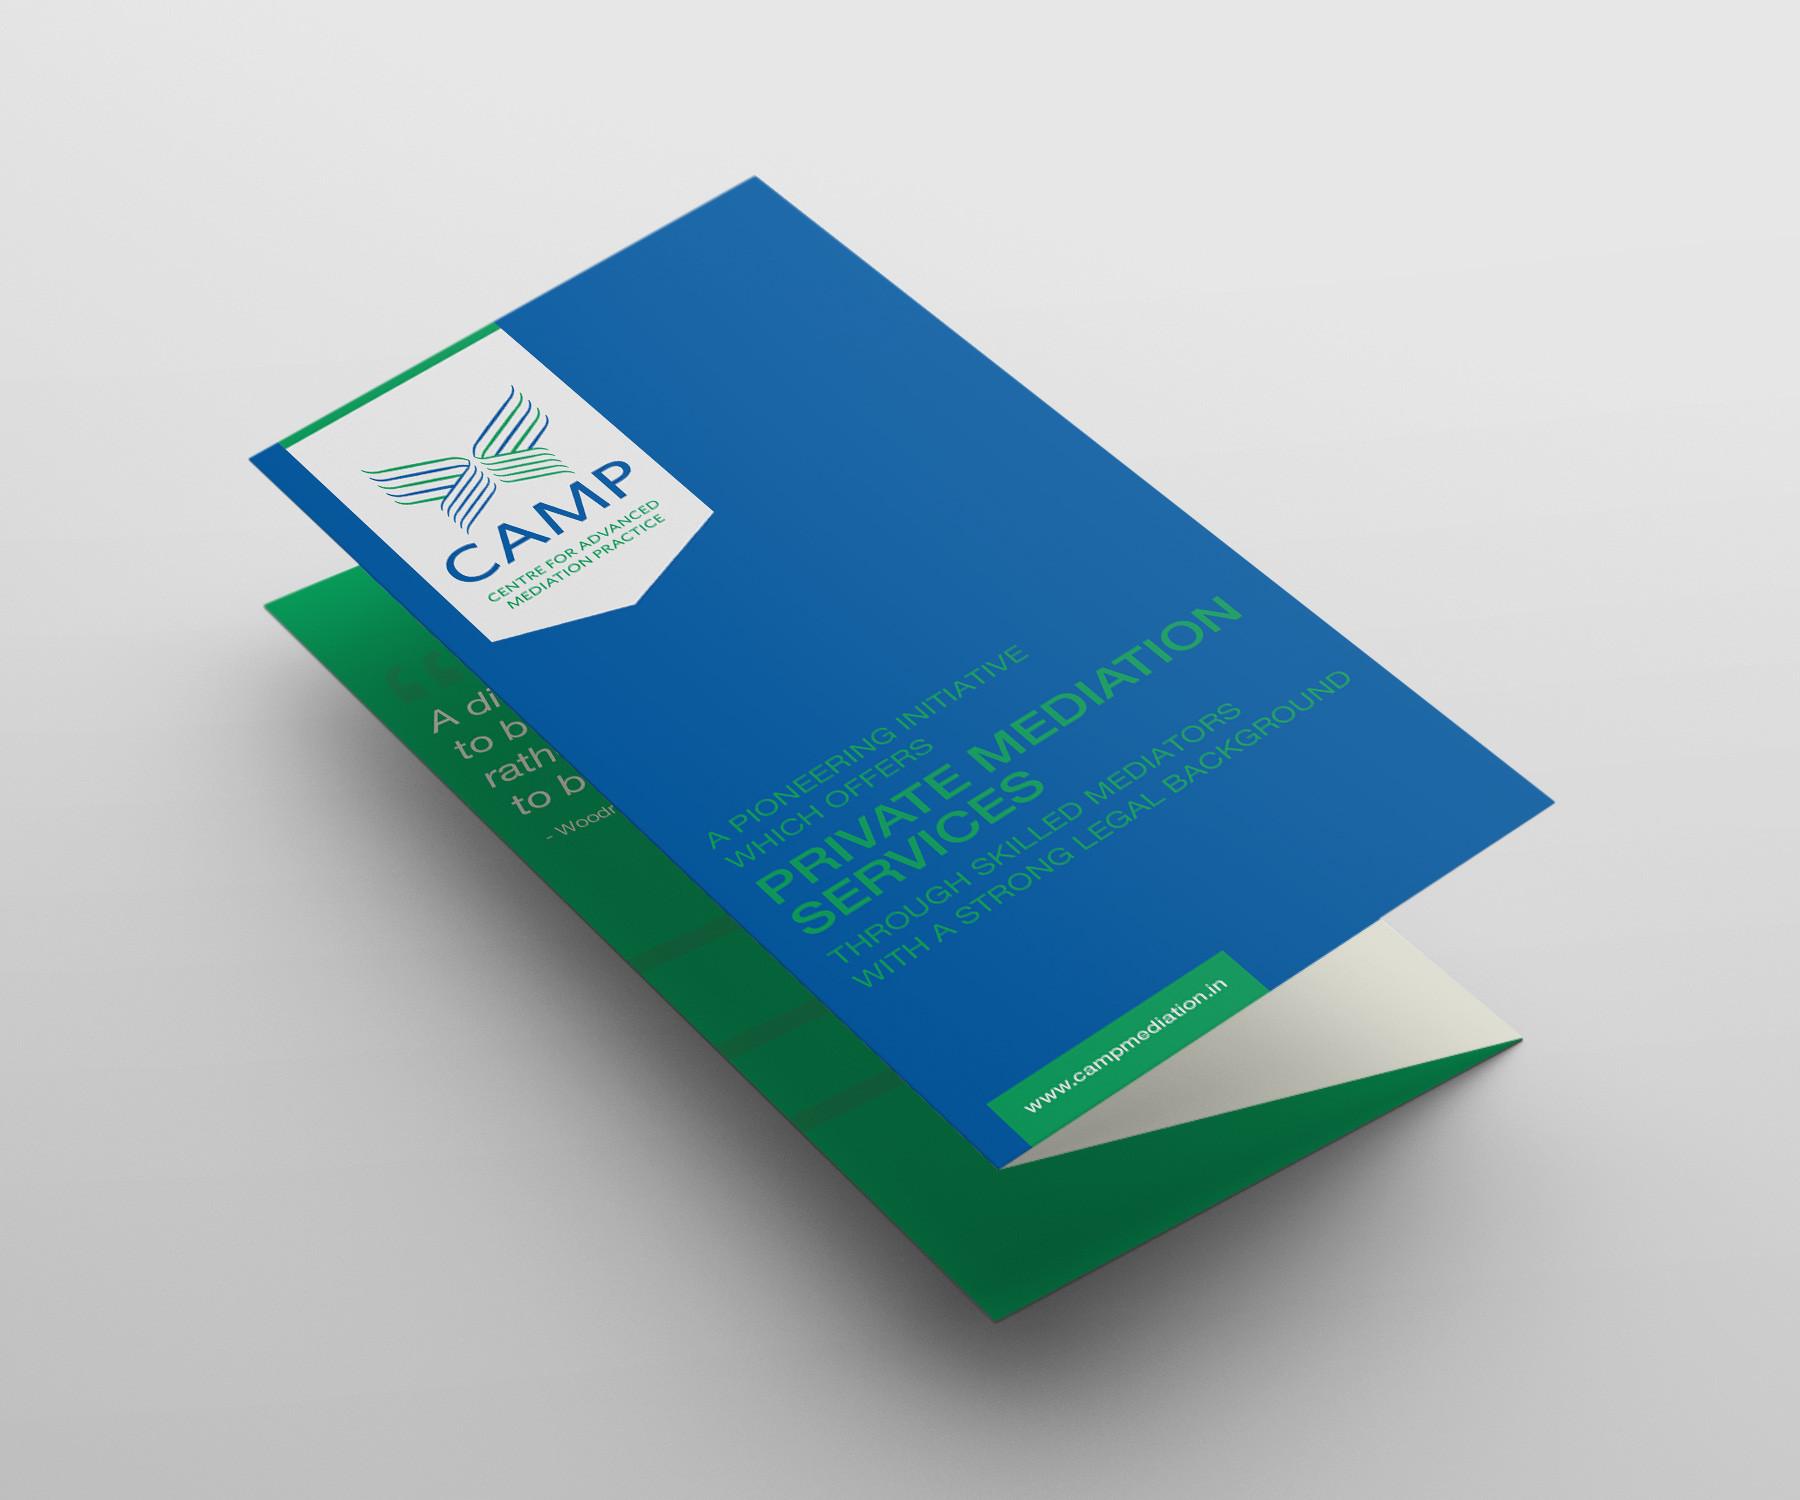 leaflet1.jpg